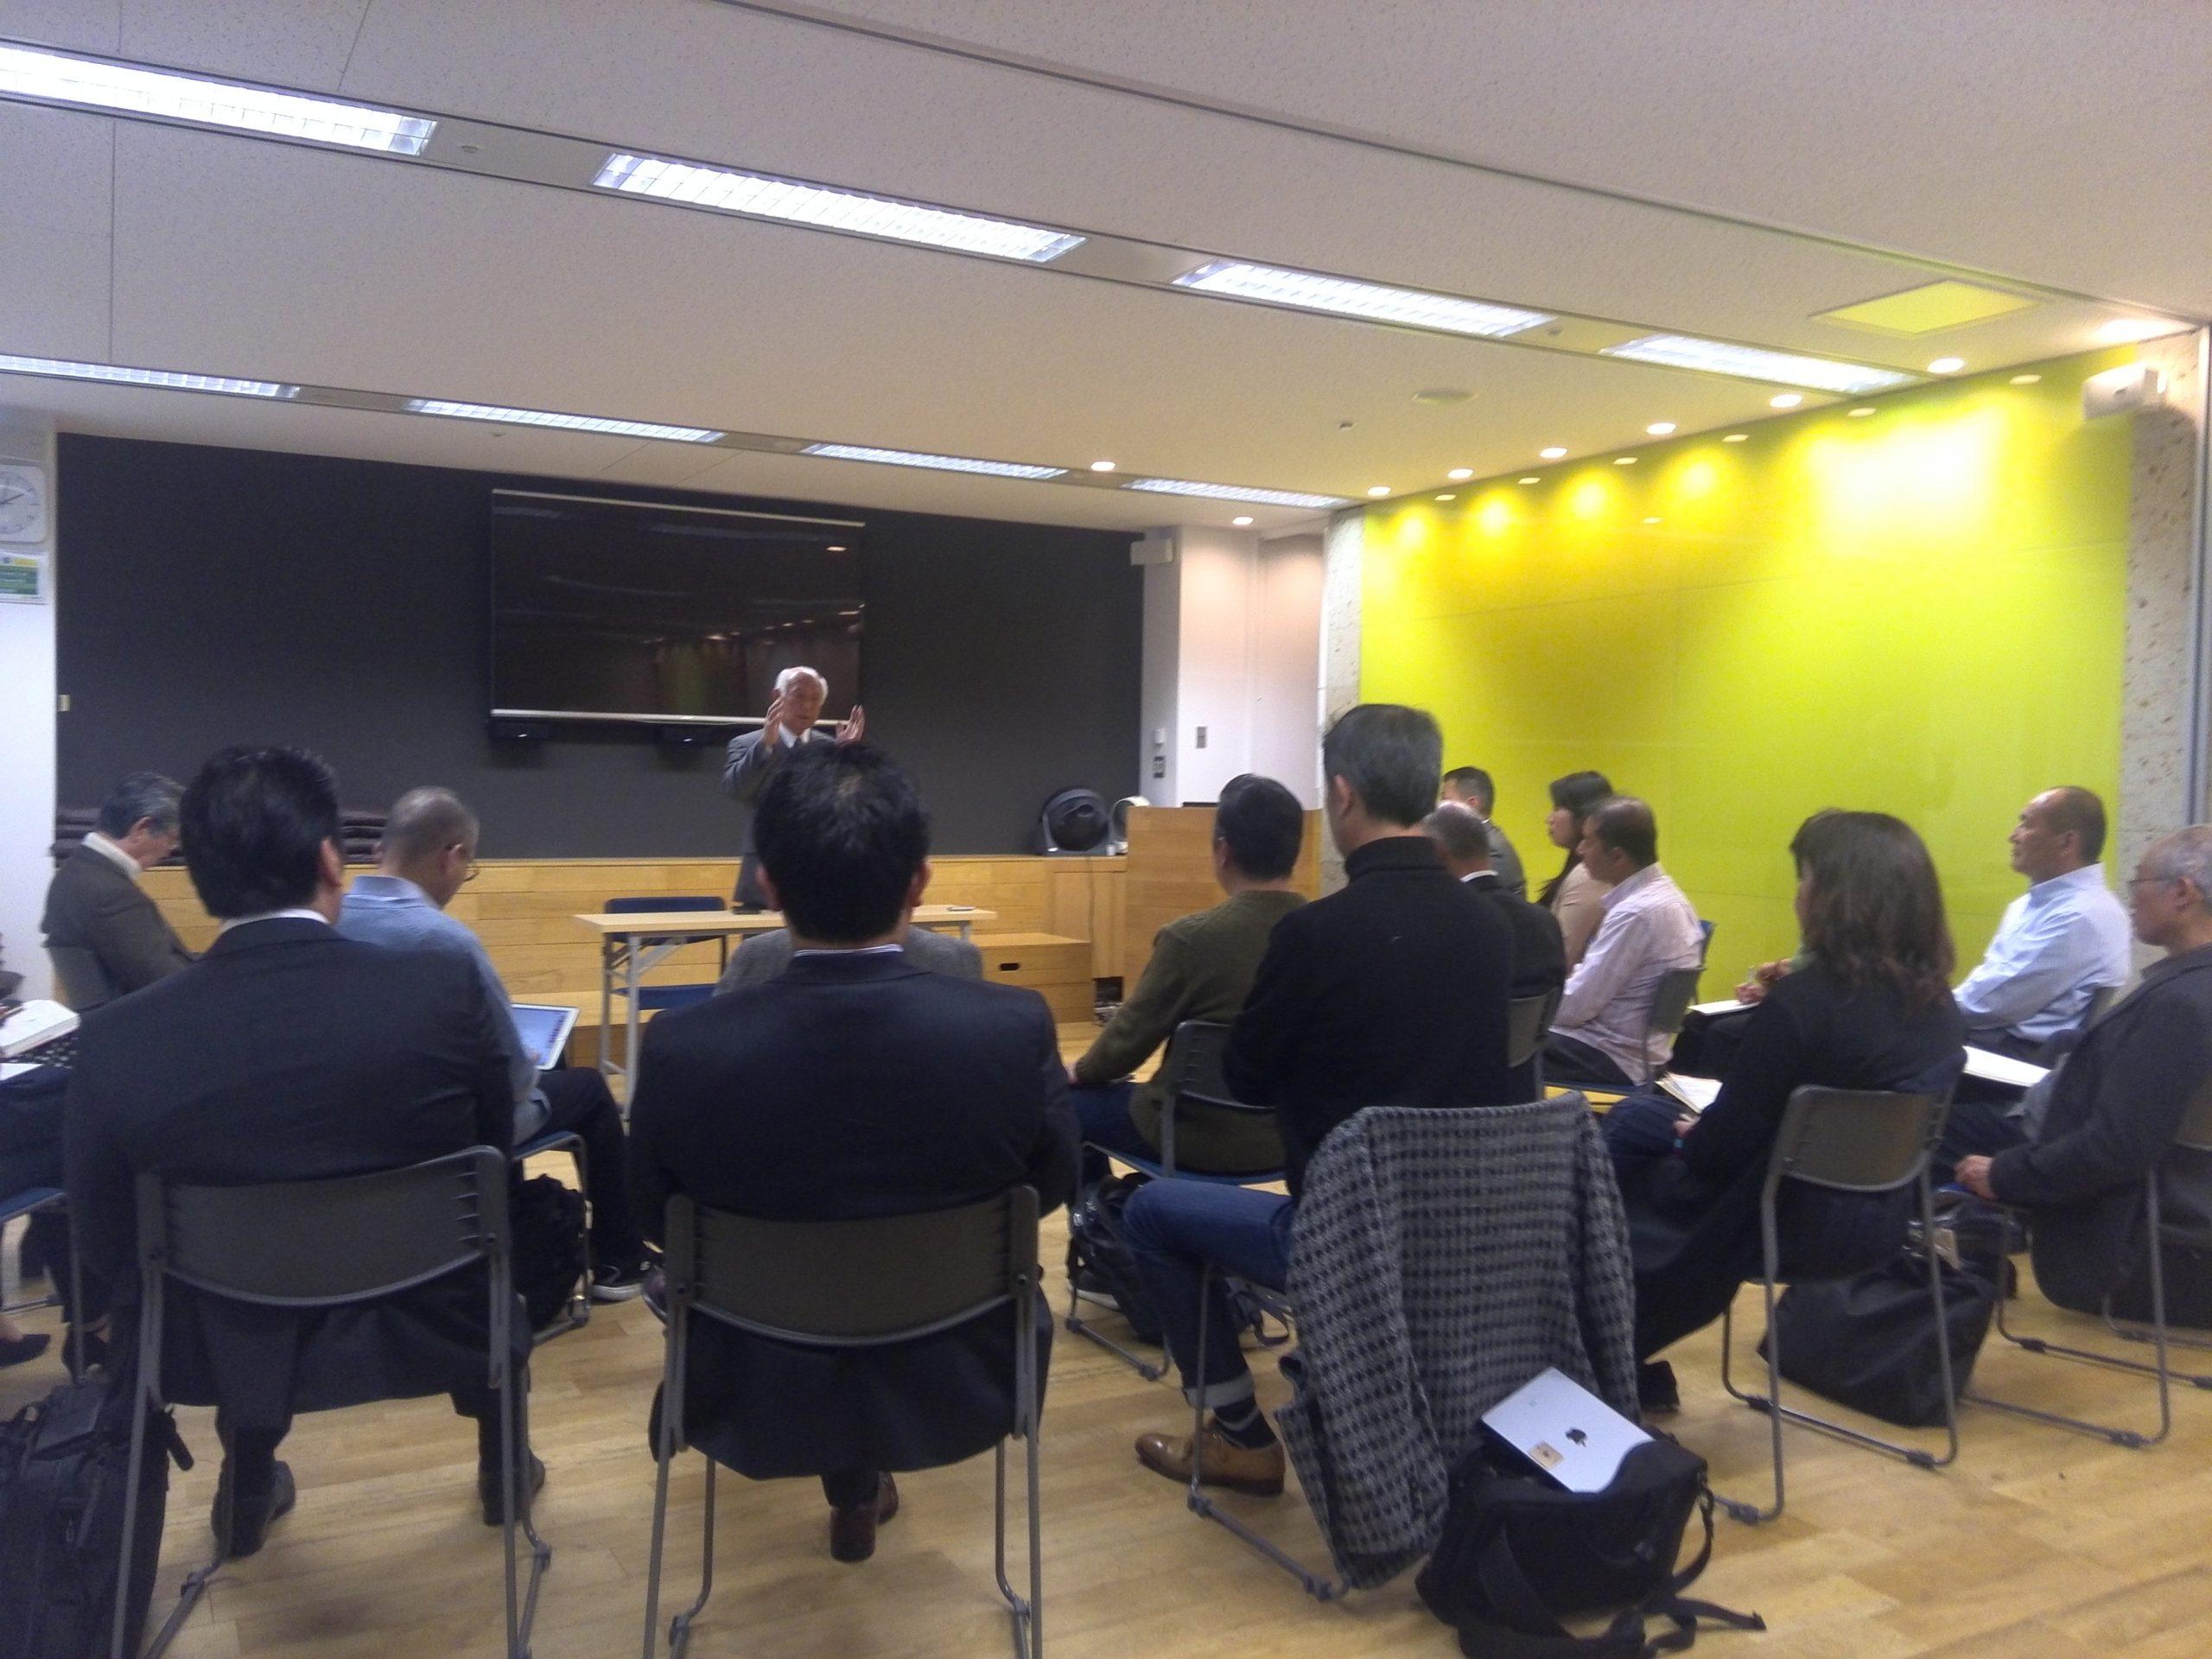 IMG 20110109 101907 scaled - 2019年12月7日(土)第6回東京思風塾「人生の鉄則からの5つの問いとは」をテーマに開催